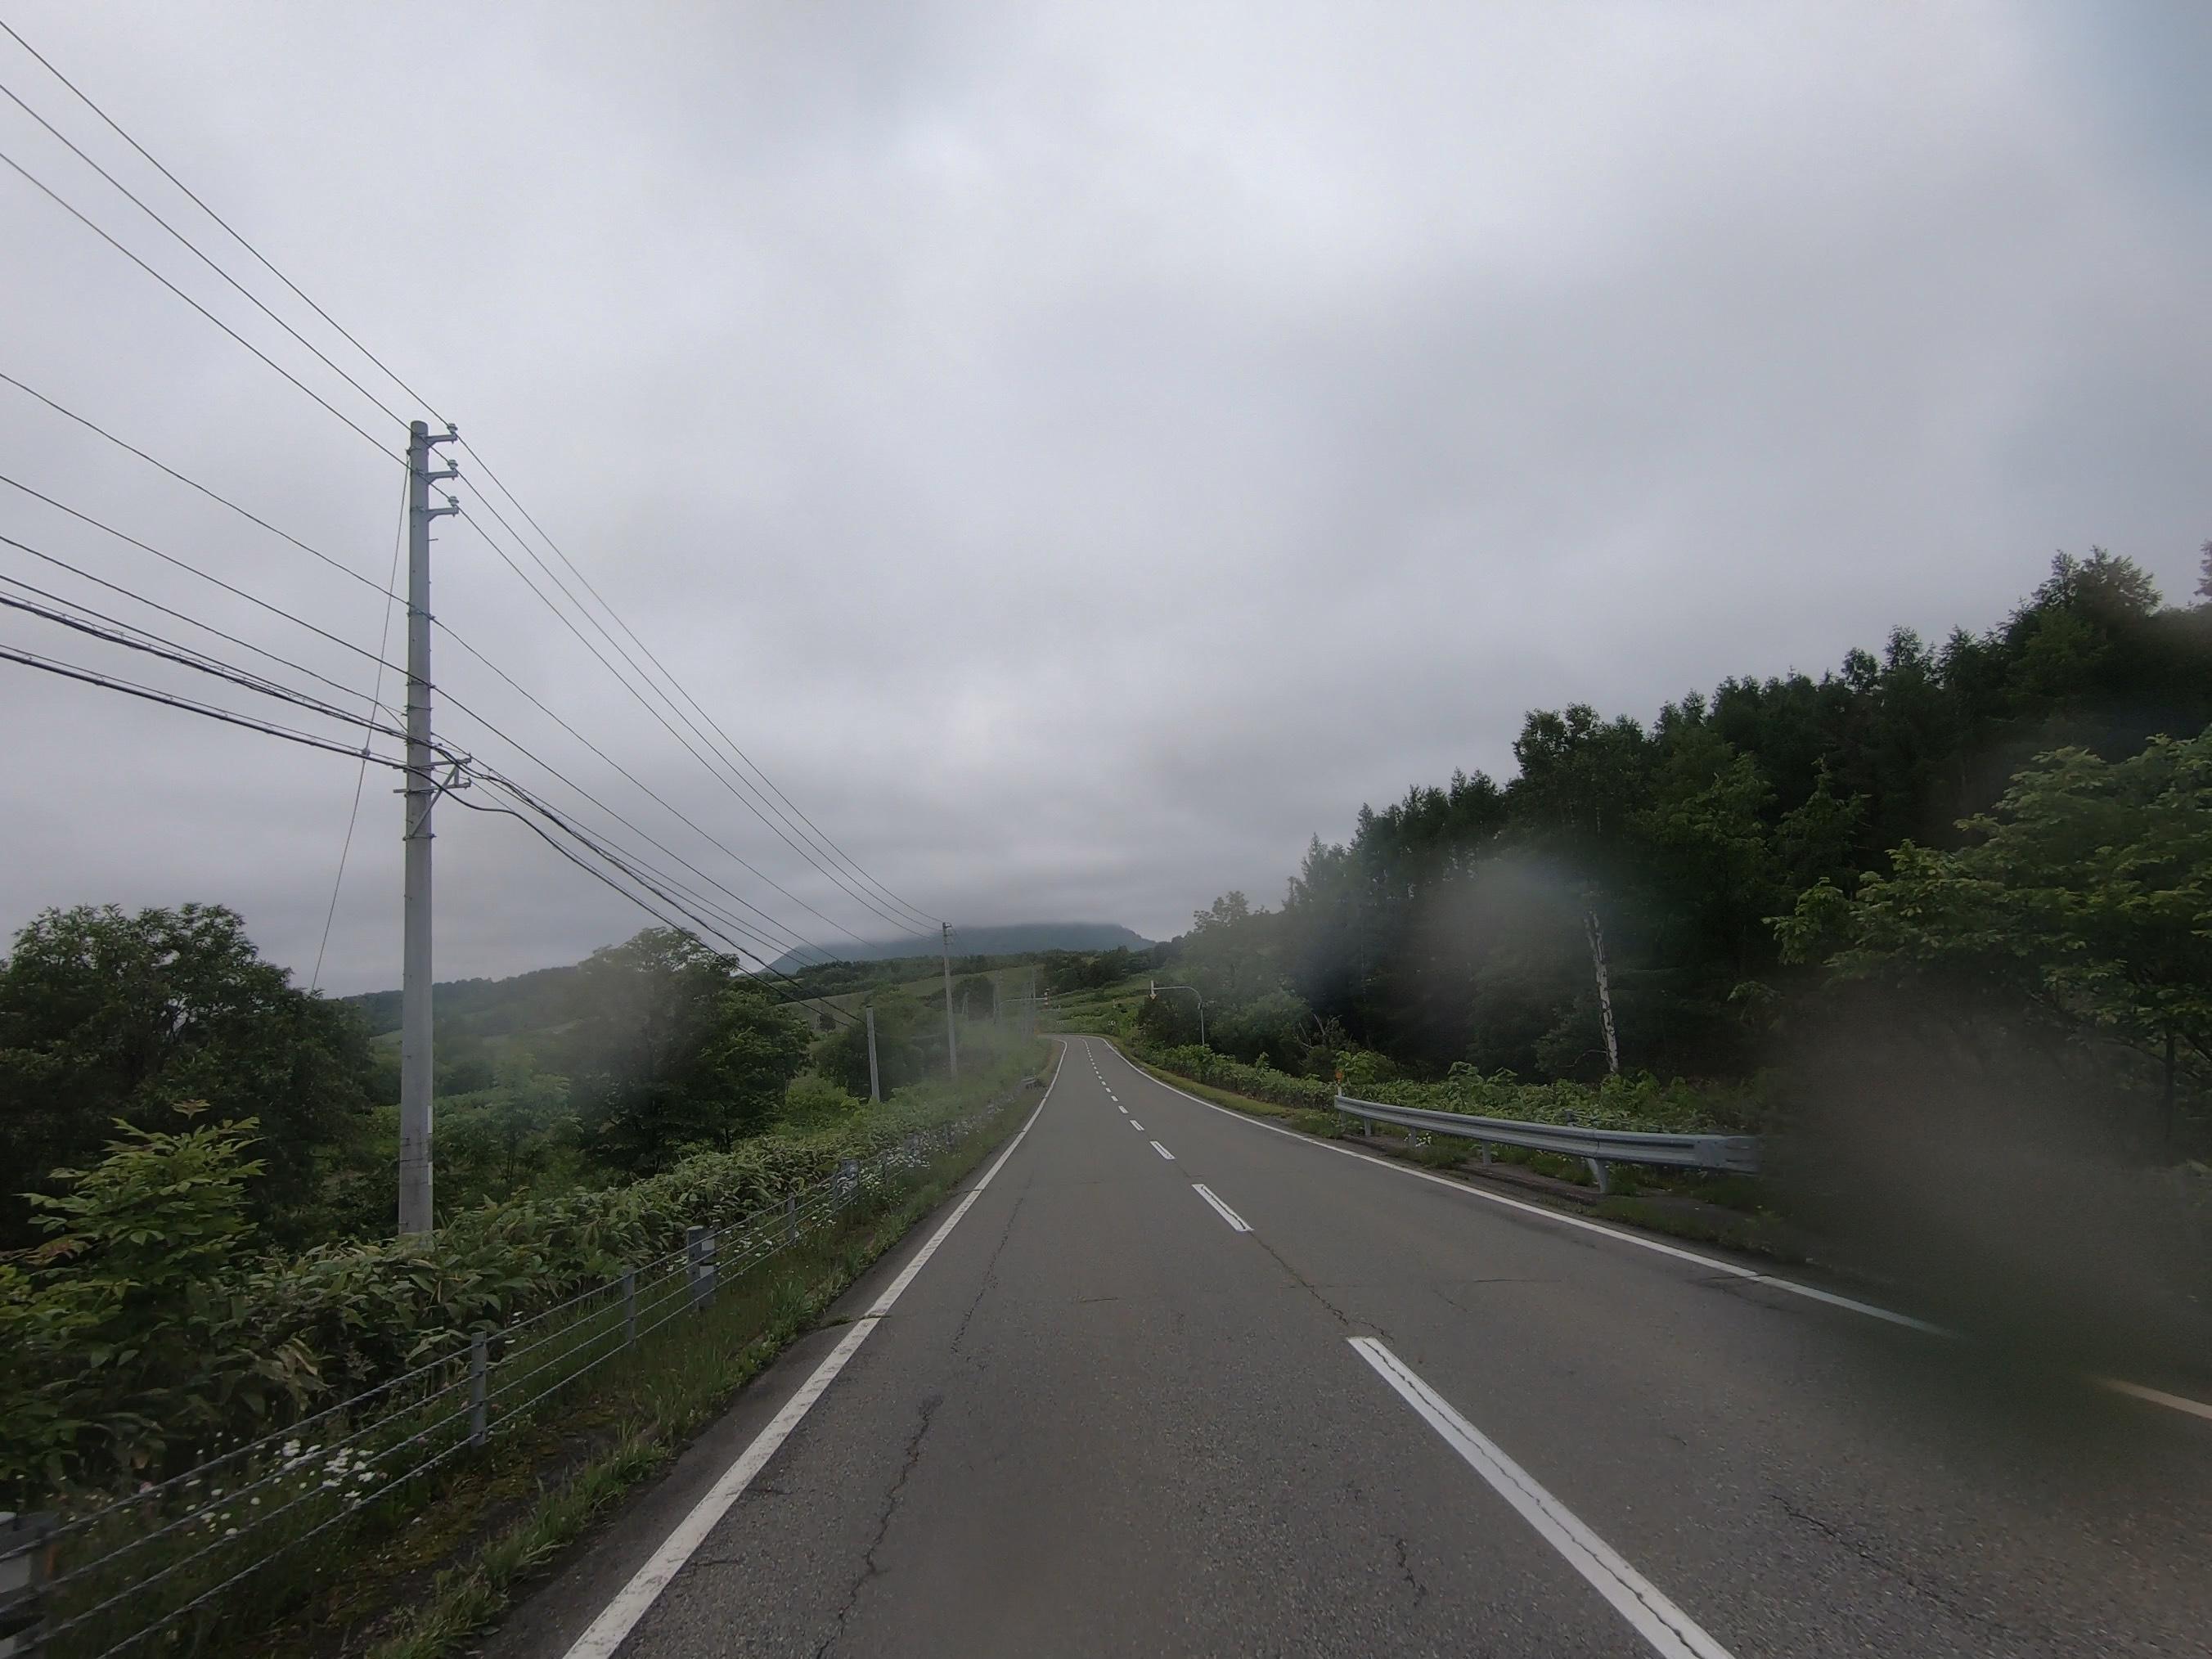 FGAD3079.jpg